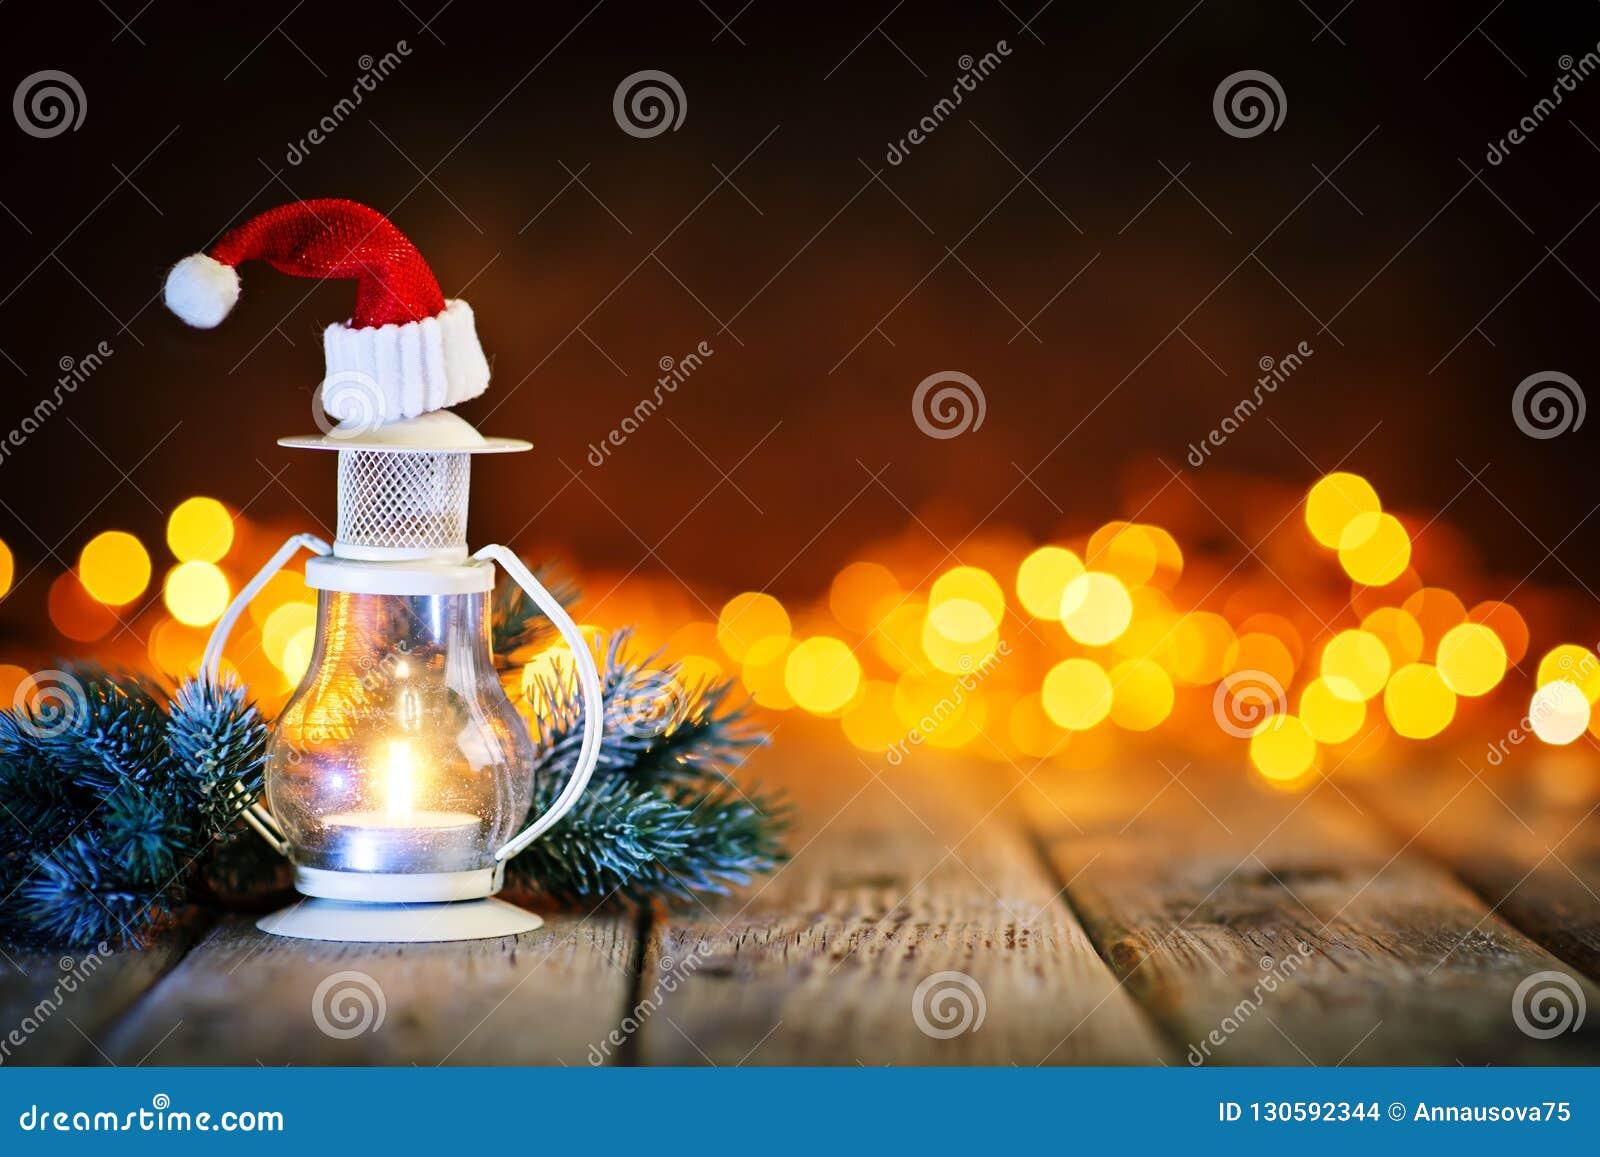 Joyeux Noël et bonne année Jouets de bougie et de Noël sur une table en bois sur le fond d une guirlande Bokeh